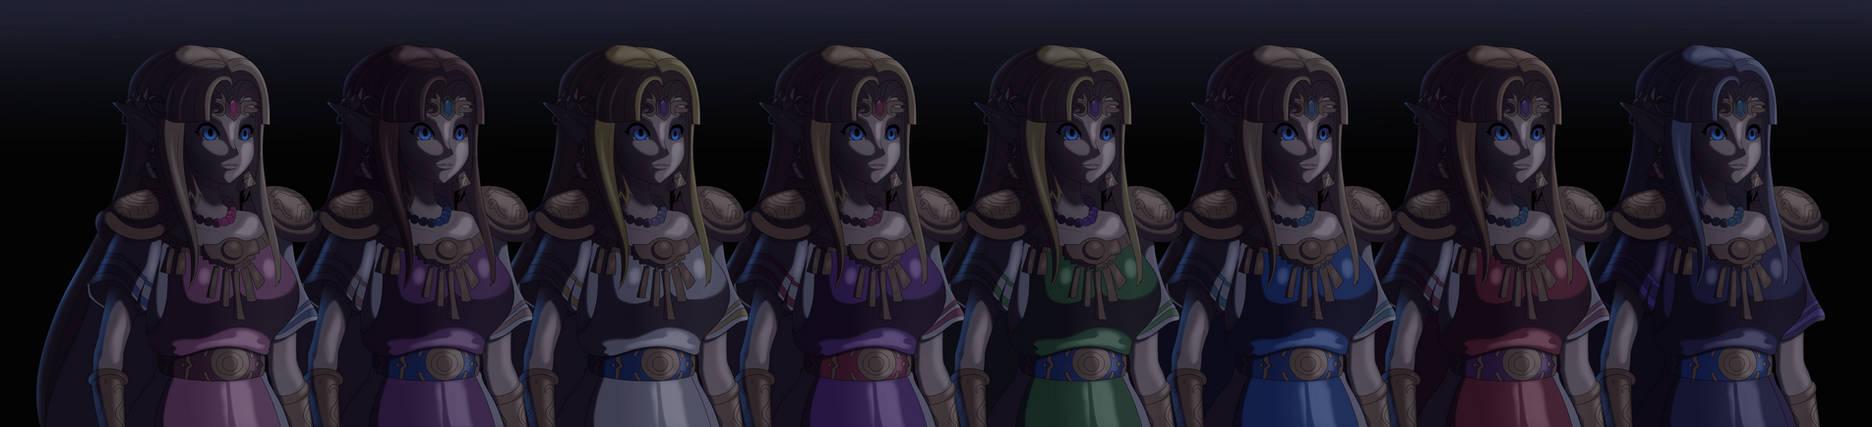 Cold Amiibo Zelda all colors